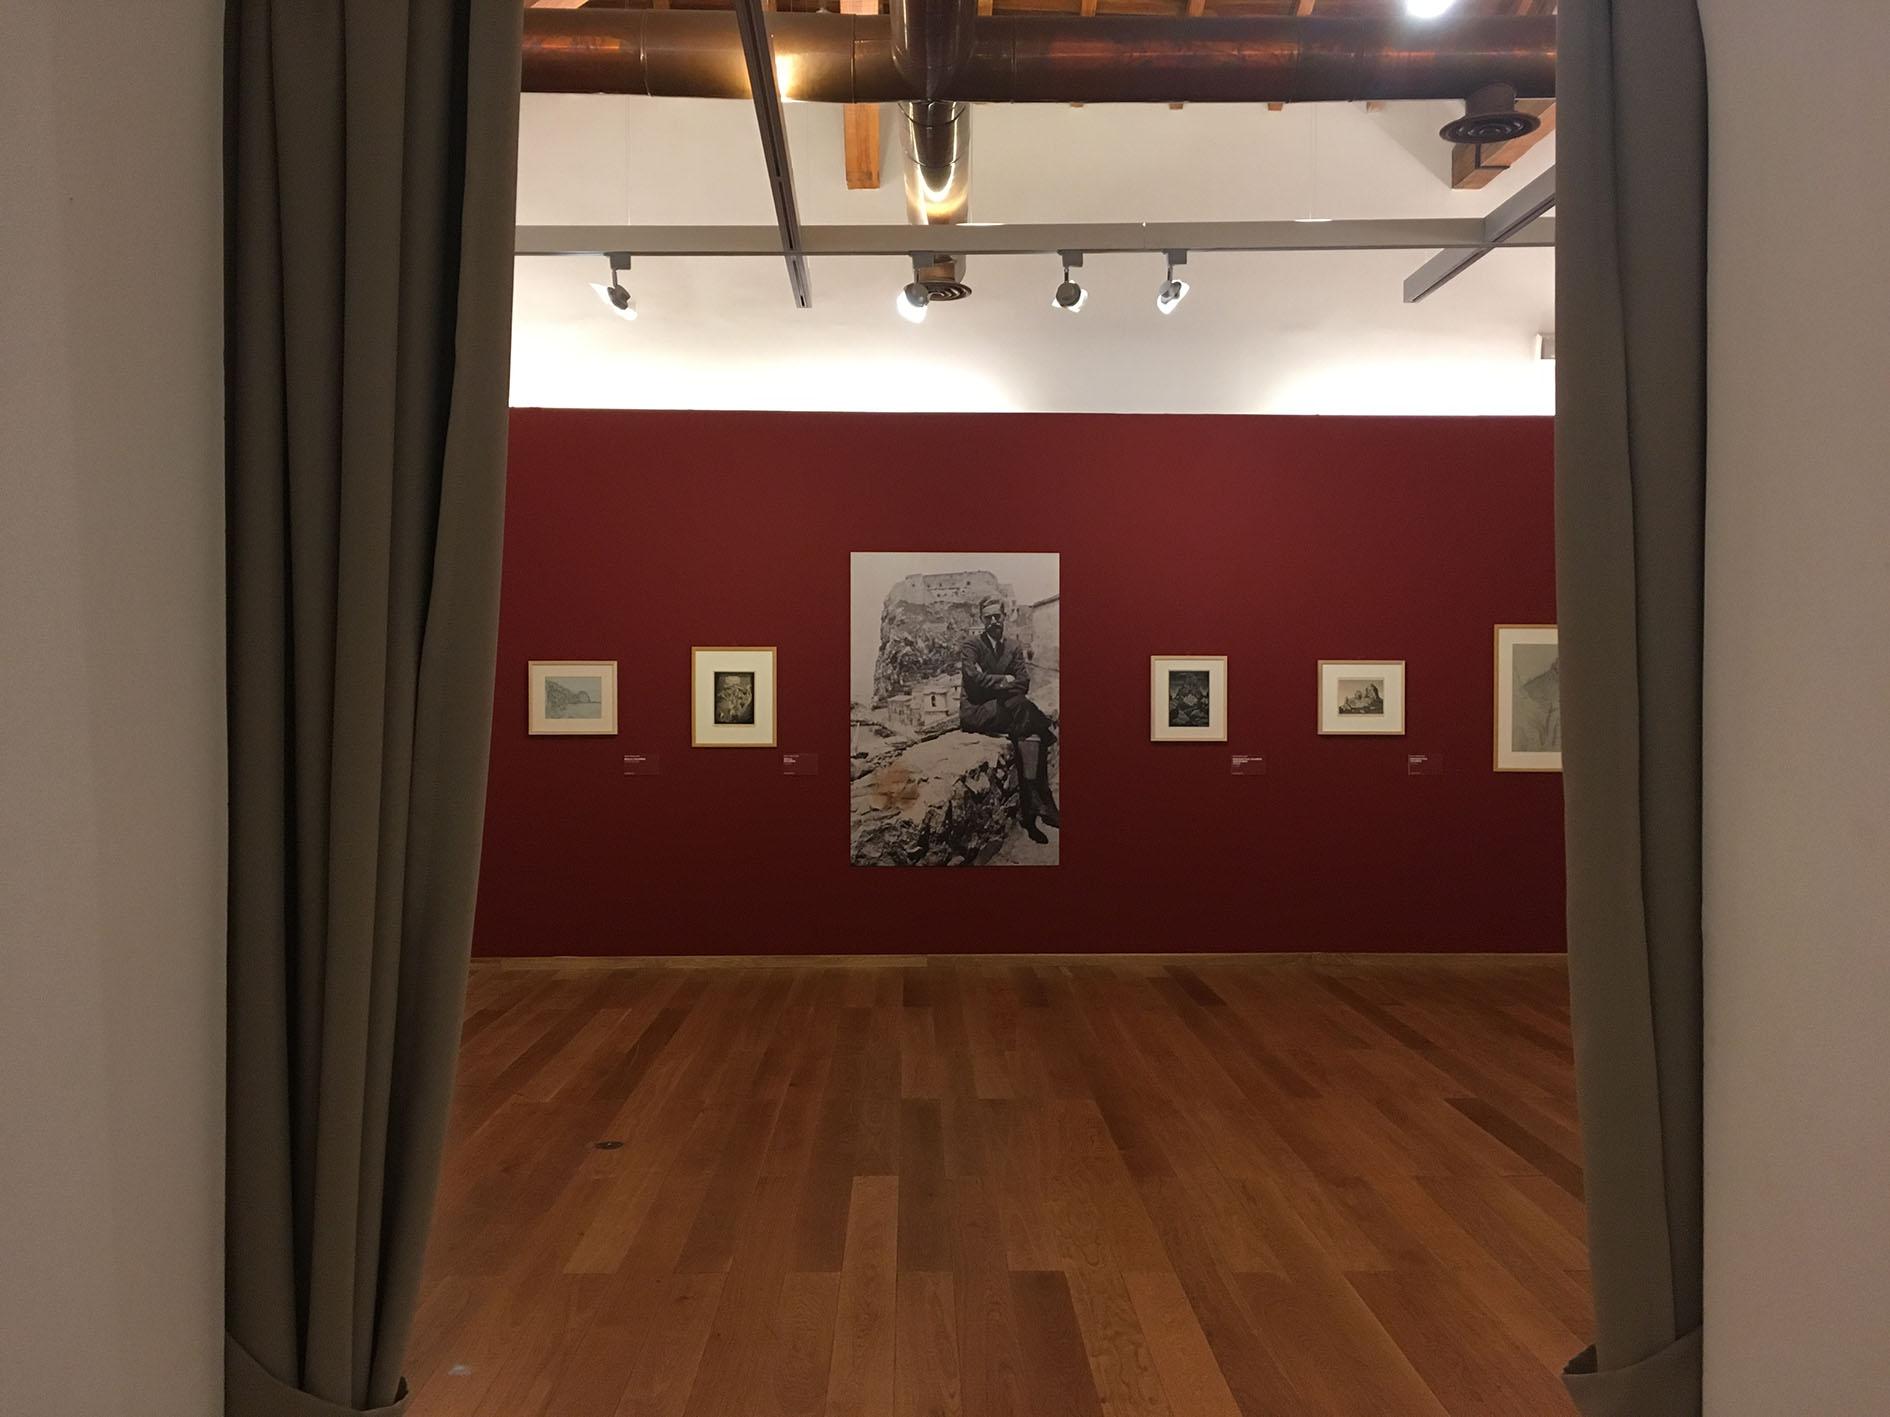 Grande successo per la mostra di Escher, apertura fino al 20 gennaio